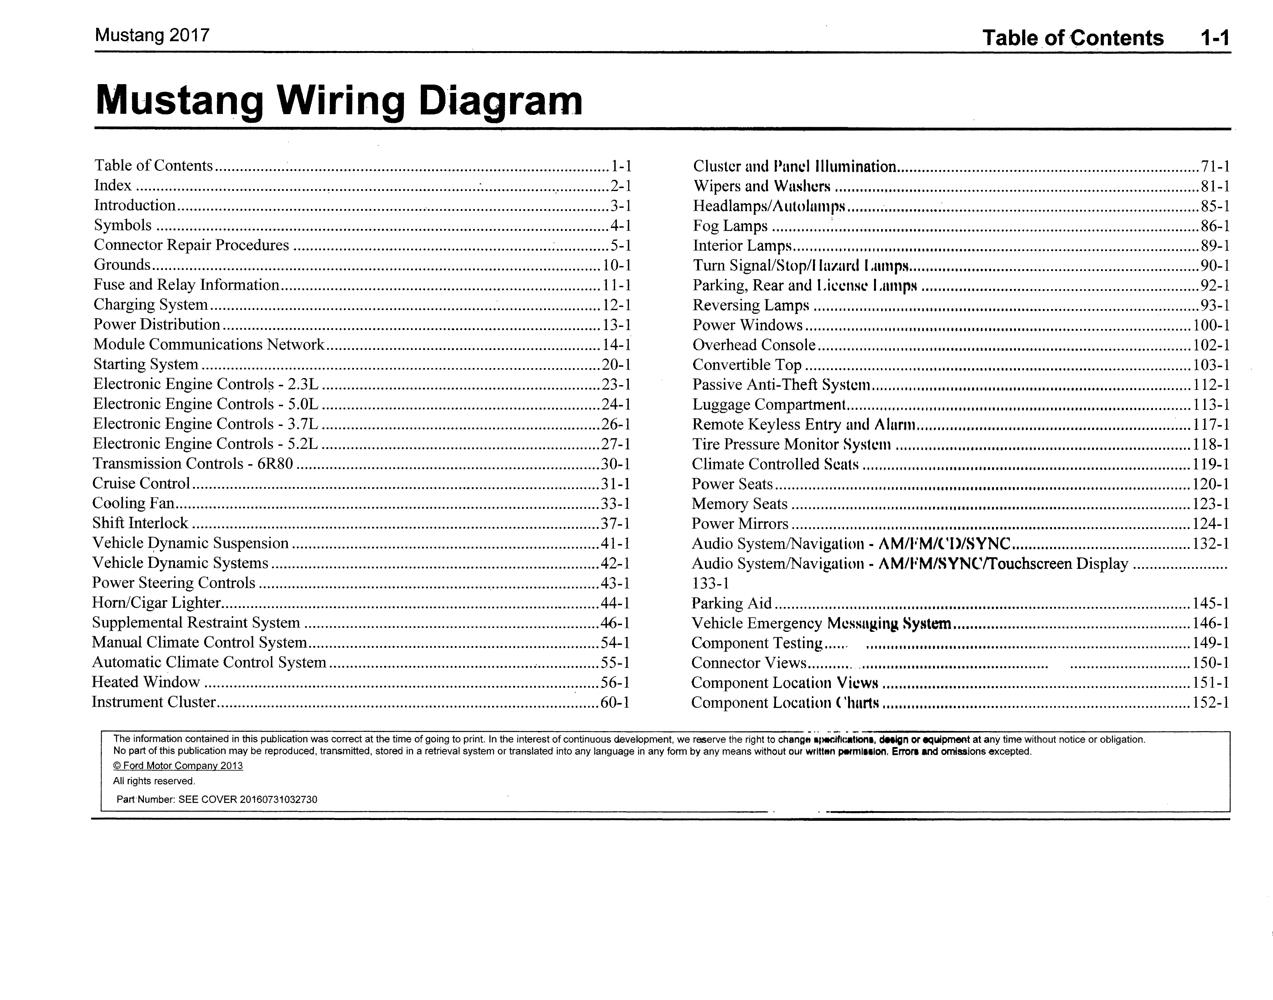 2017 Ford Mustang Wiring Diagram Manual Original